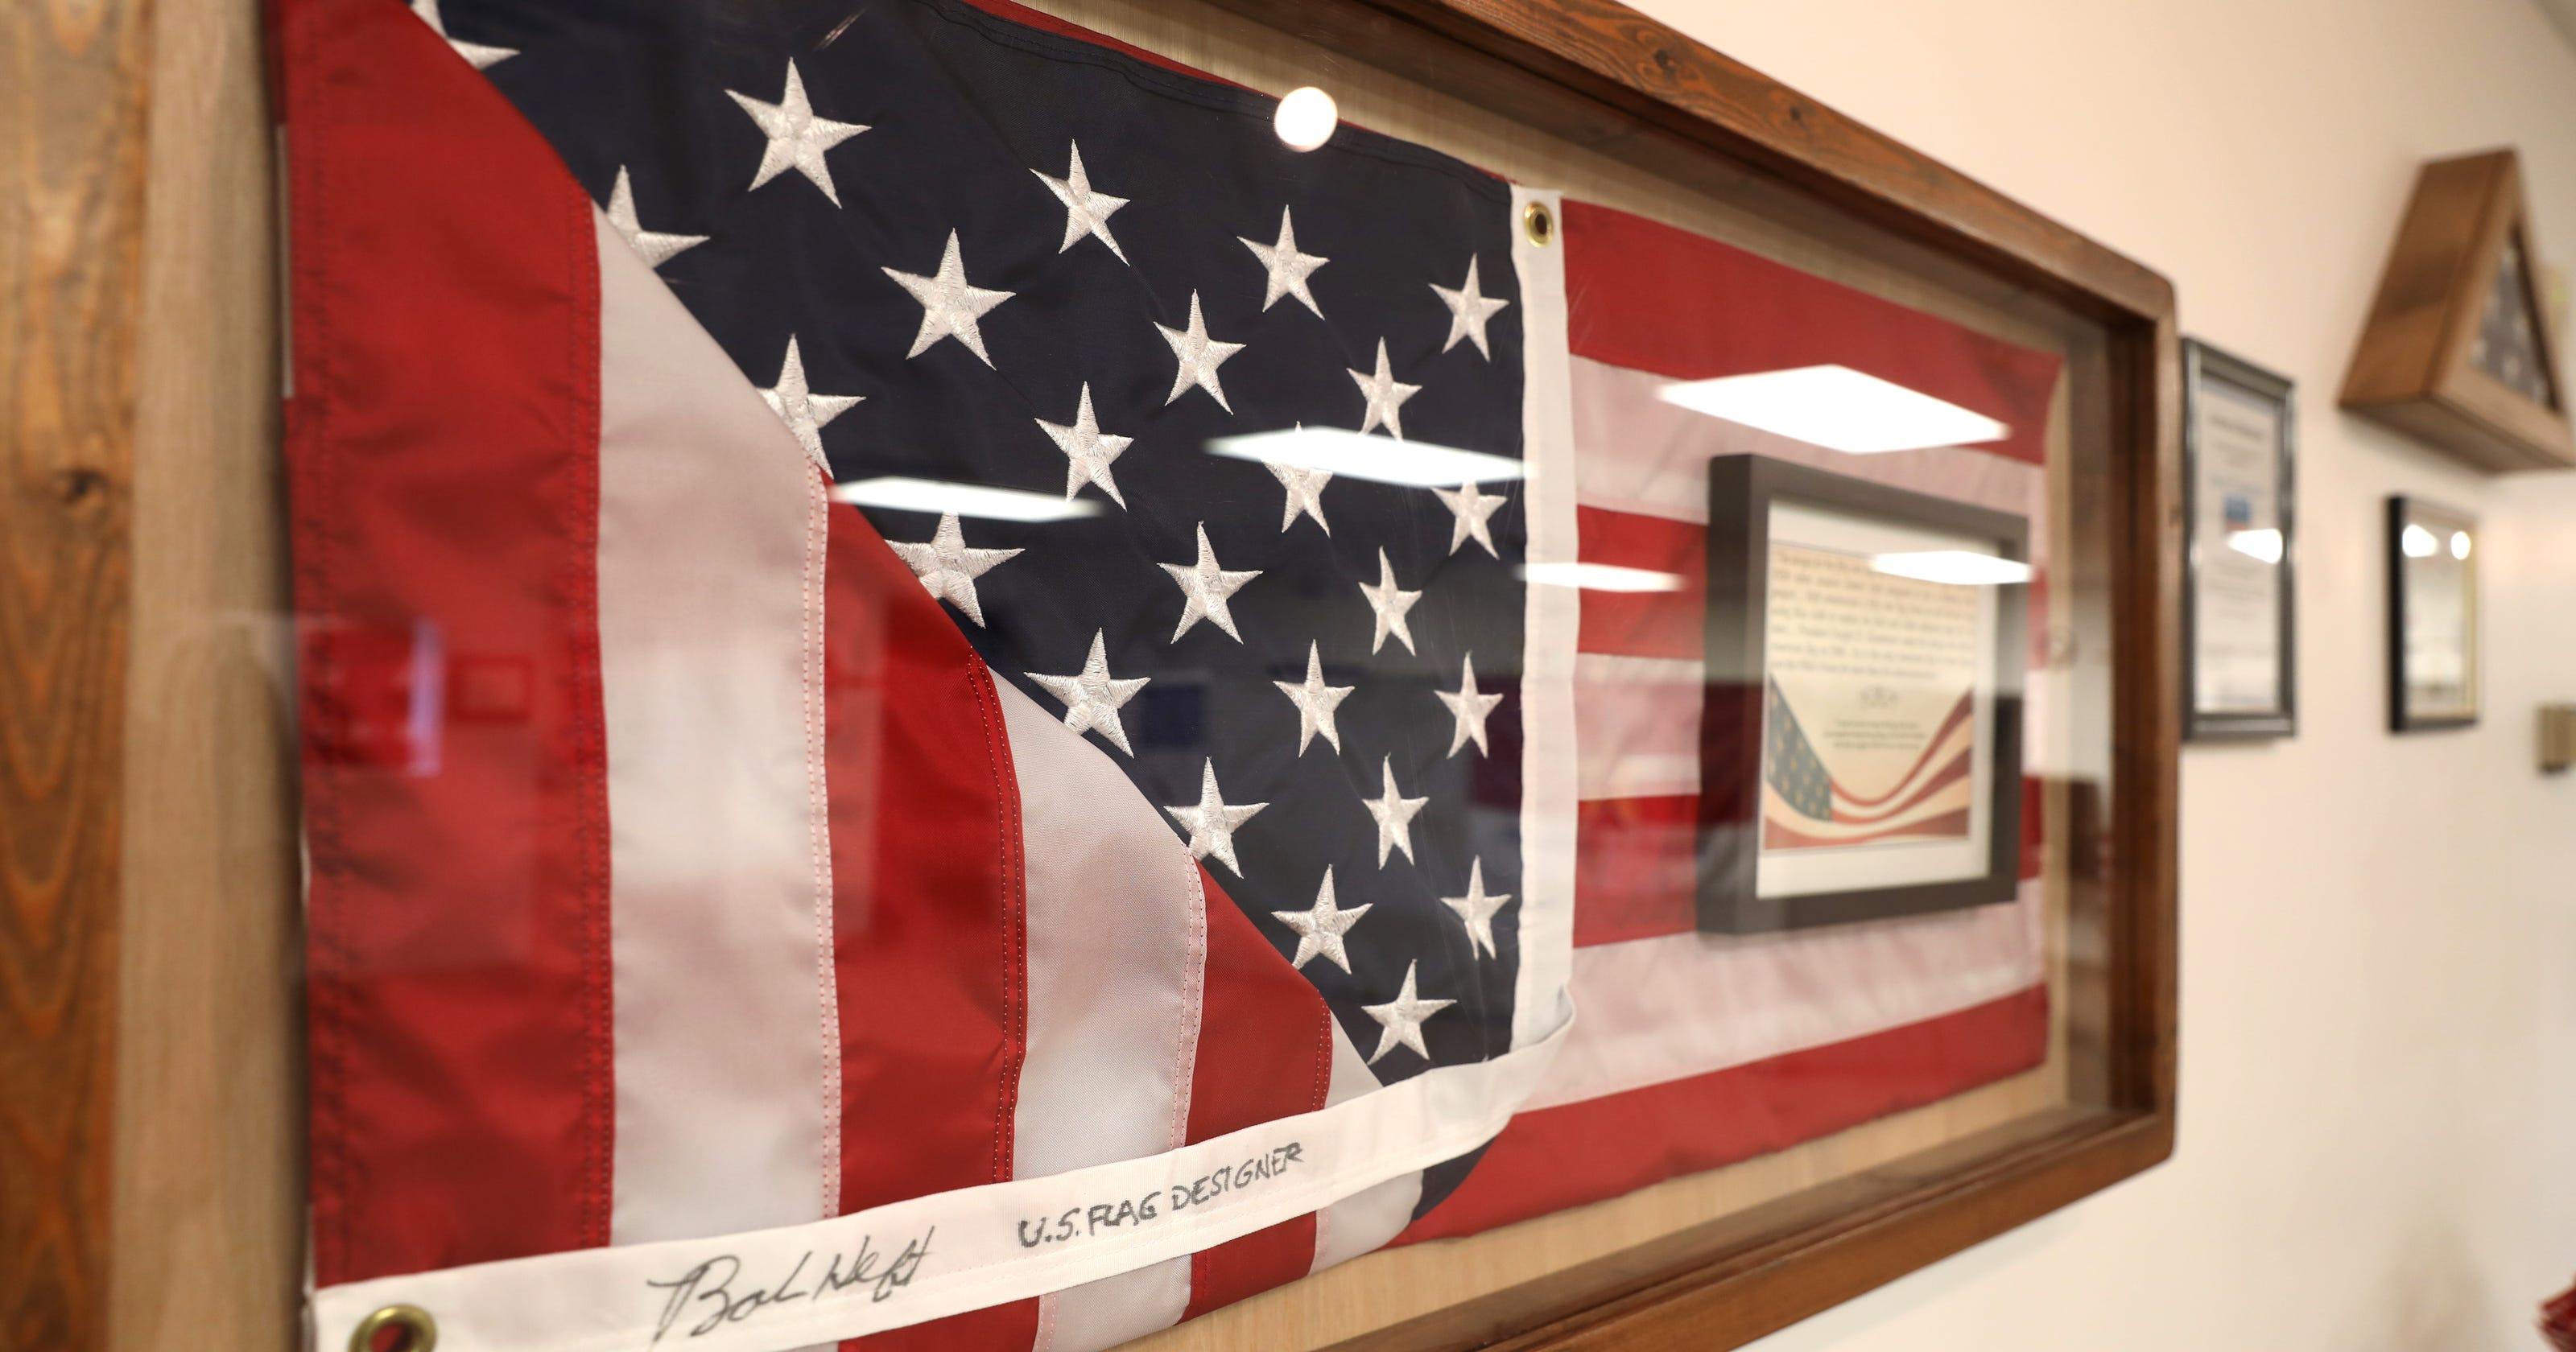 Lancaster boy's American flag design still stands for U S